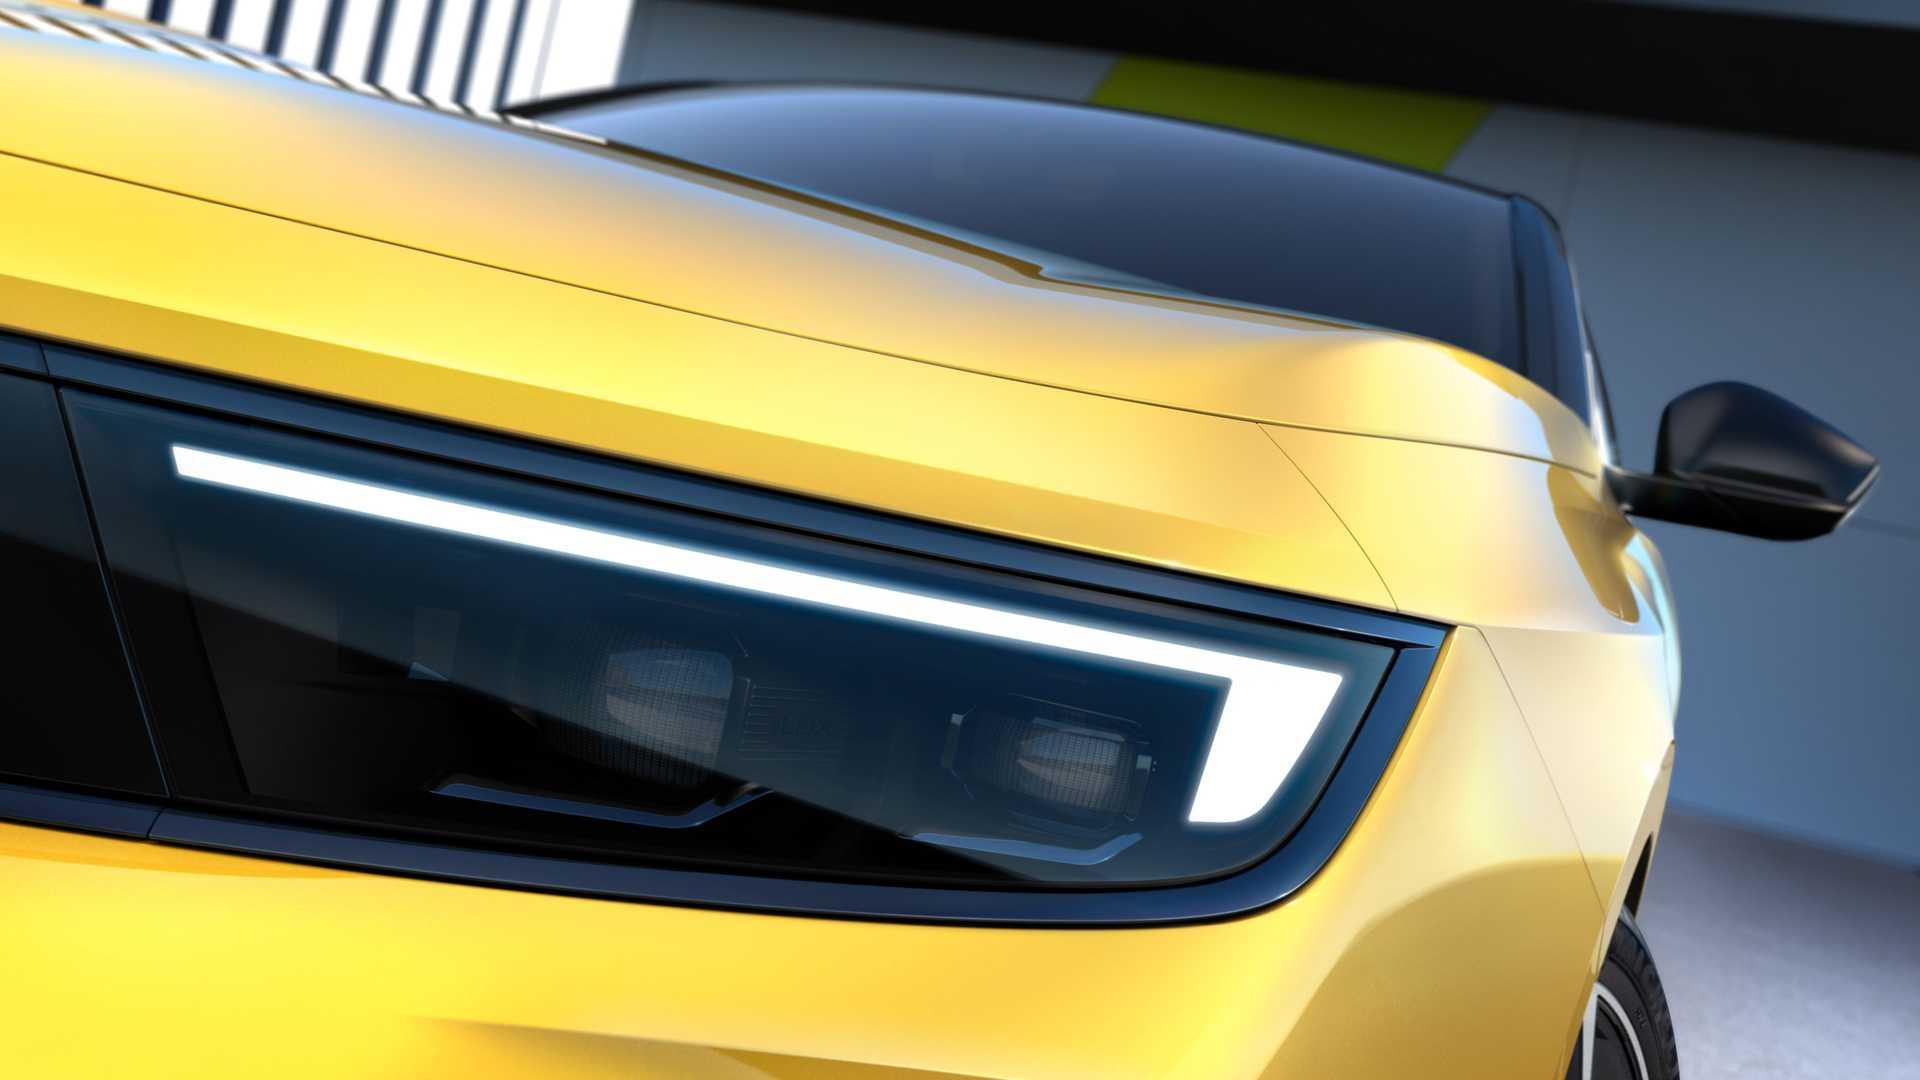 Nuova Opel Astra, tutti i dettagli nelle prime foto ufficiali